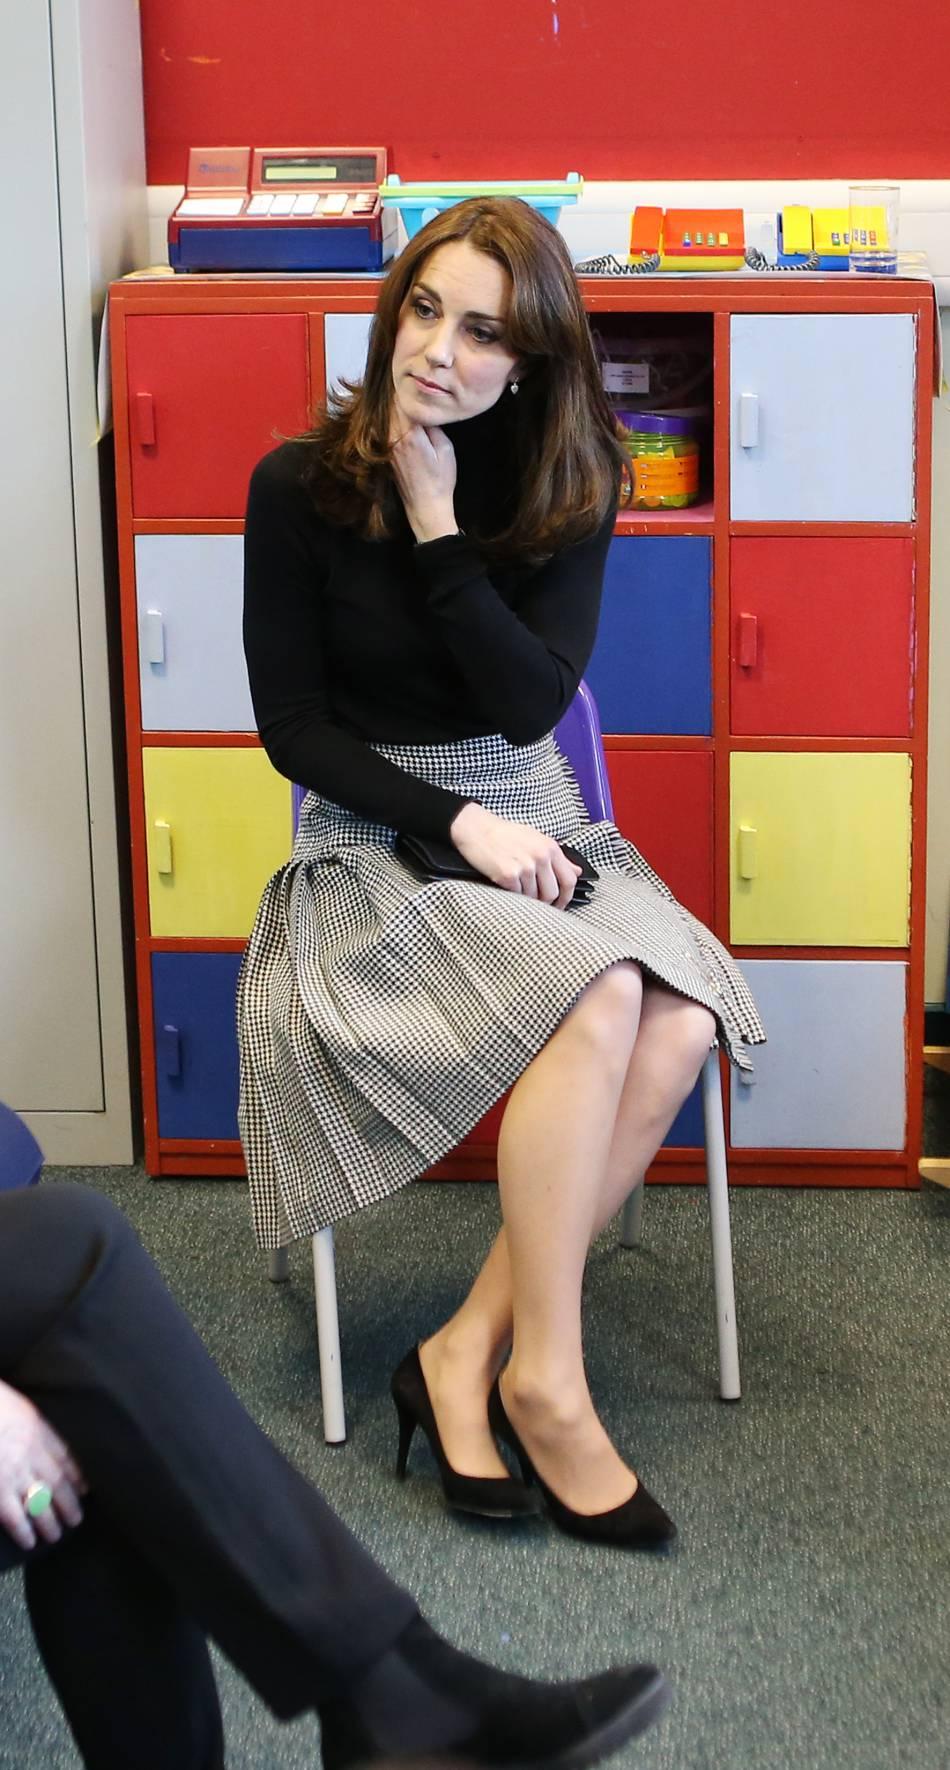 visite Pour Ecosse jeune la une en femme sur jupe mise Le sa Kilt OO4w5